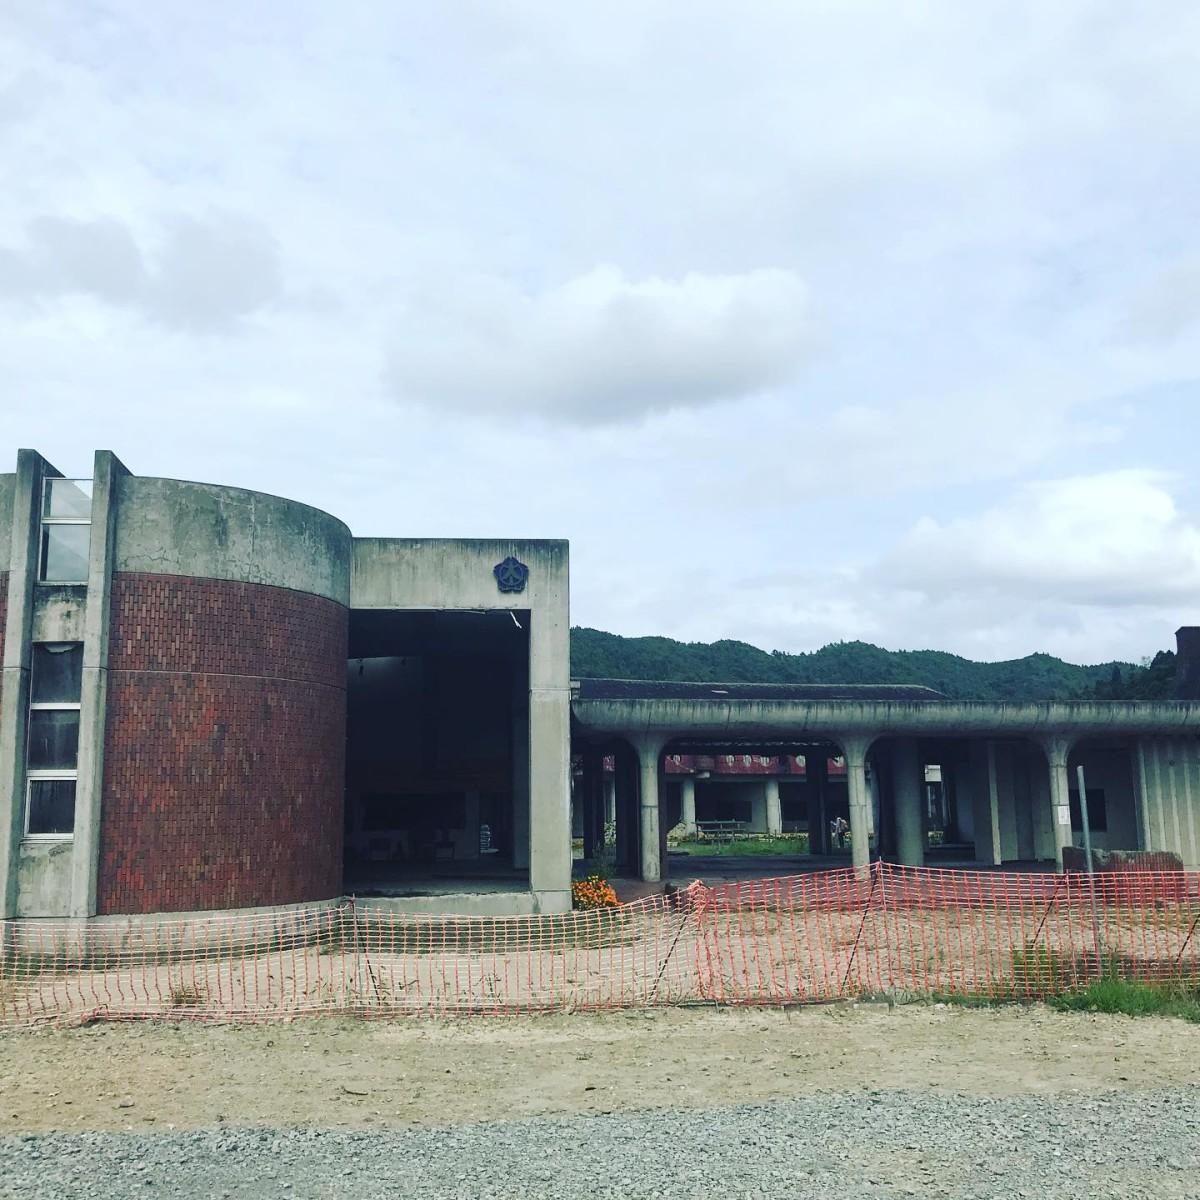 昨日は津波で74名の児童と10名の先生たちが命を落としてしまった大川小学校へ。